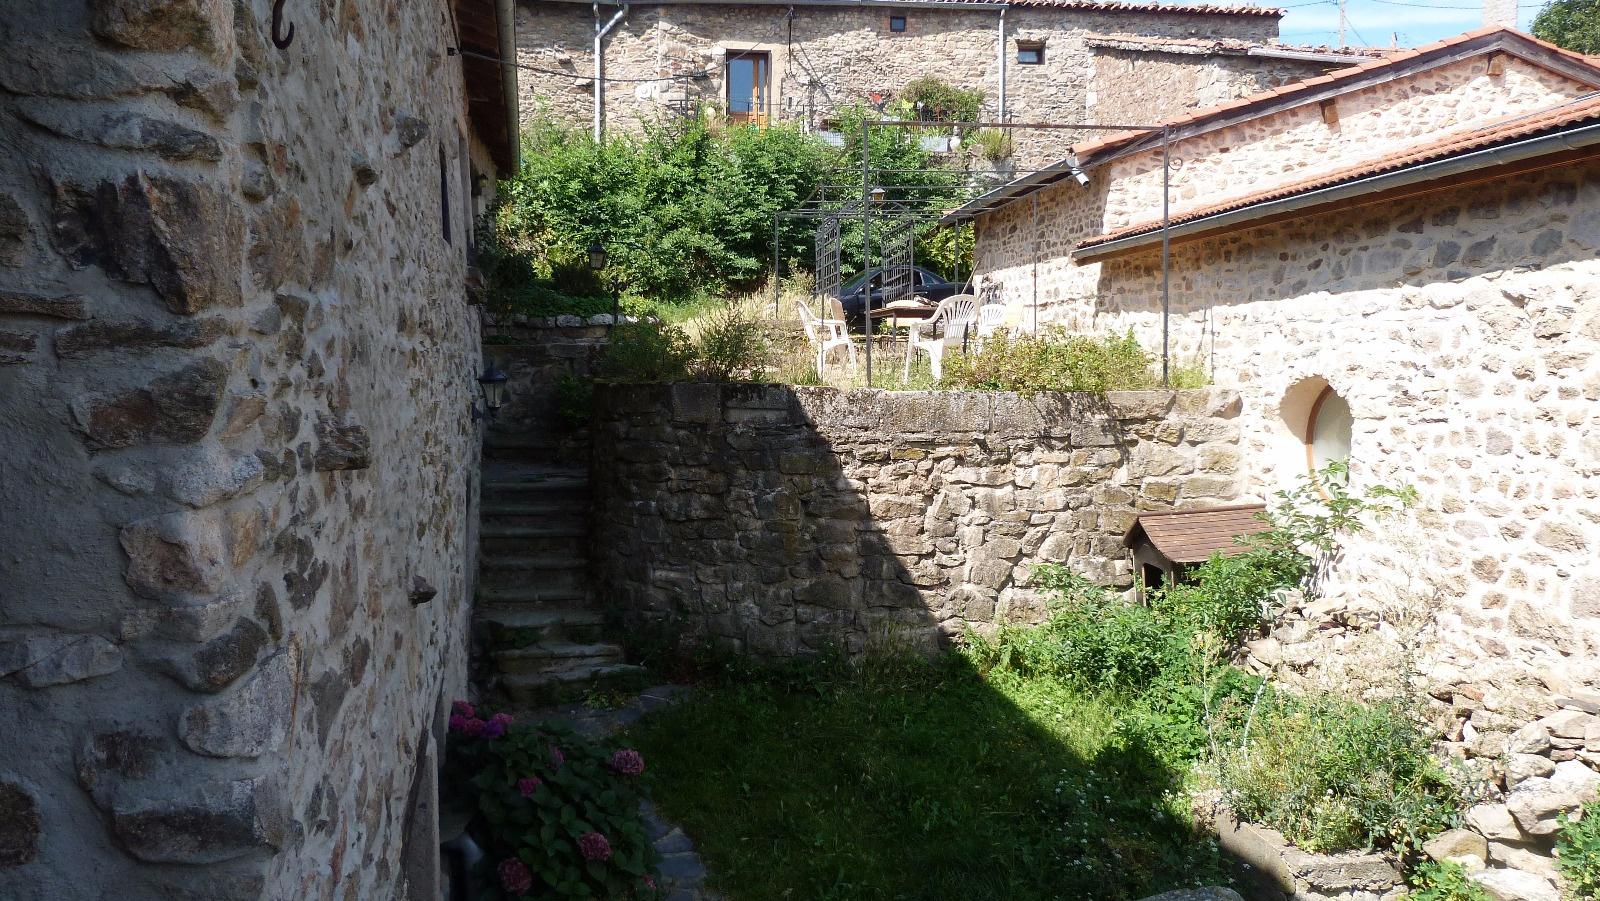 Annonce vente ferme saint chamond 42400 145 m 209 000 992739472859 - Saint chamond 42400 ...